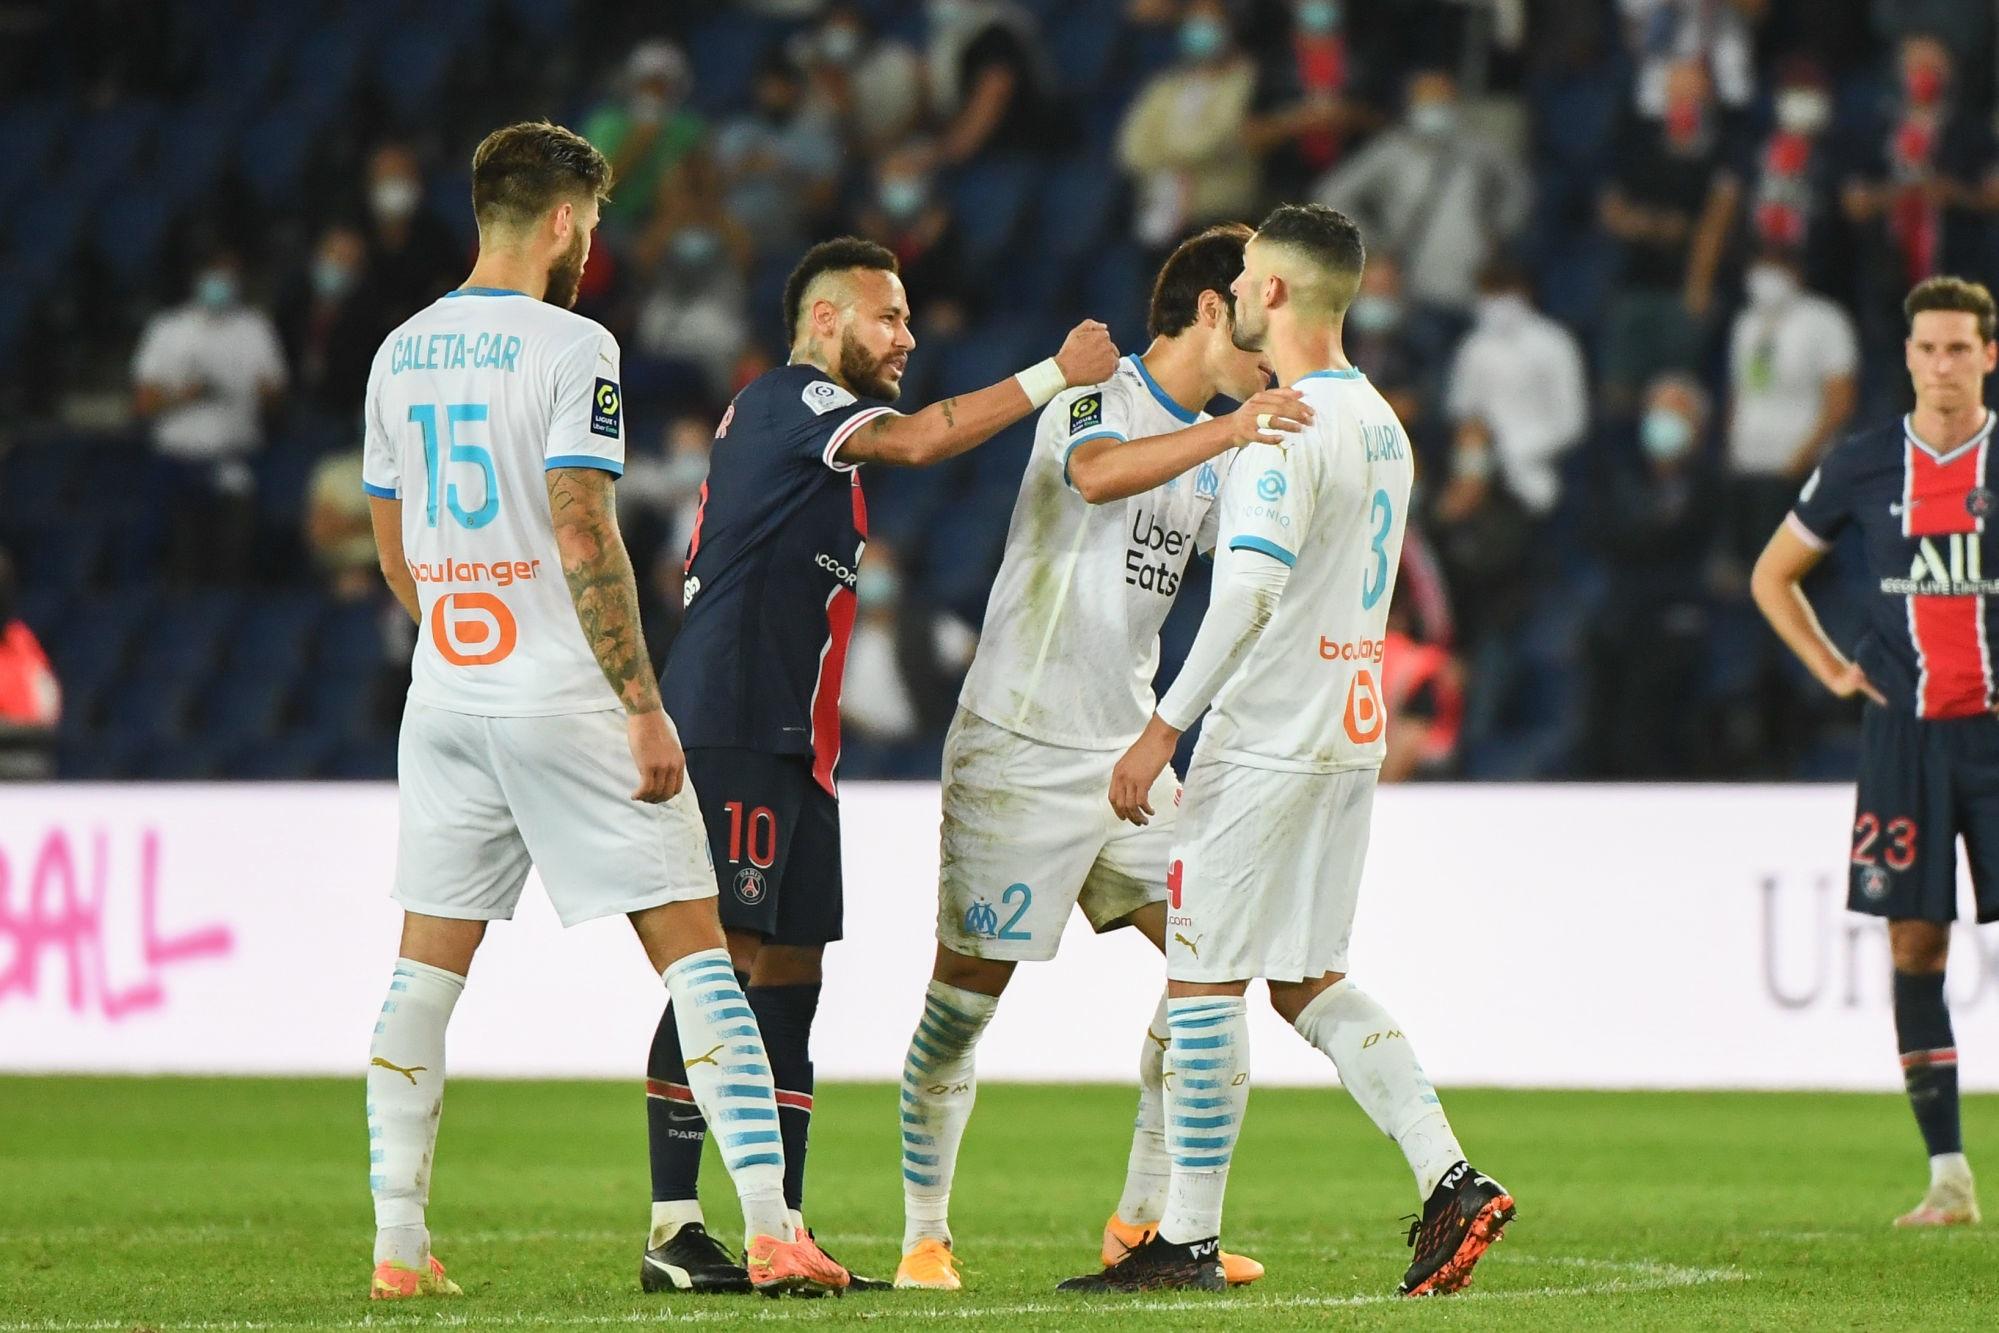 Les échanges entre Neymar et Alvaro Gonzalez décortiqués par un expert en lecture labiale